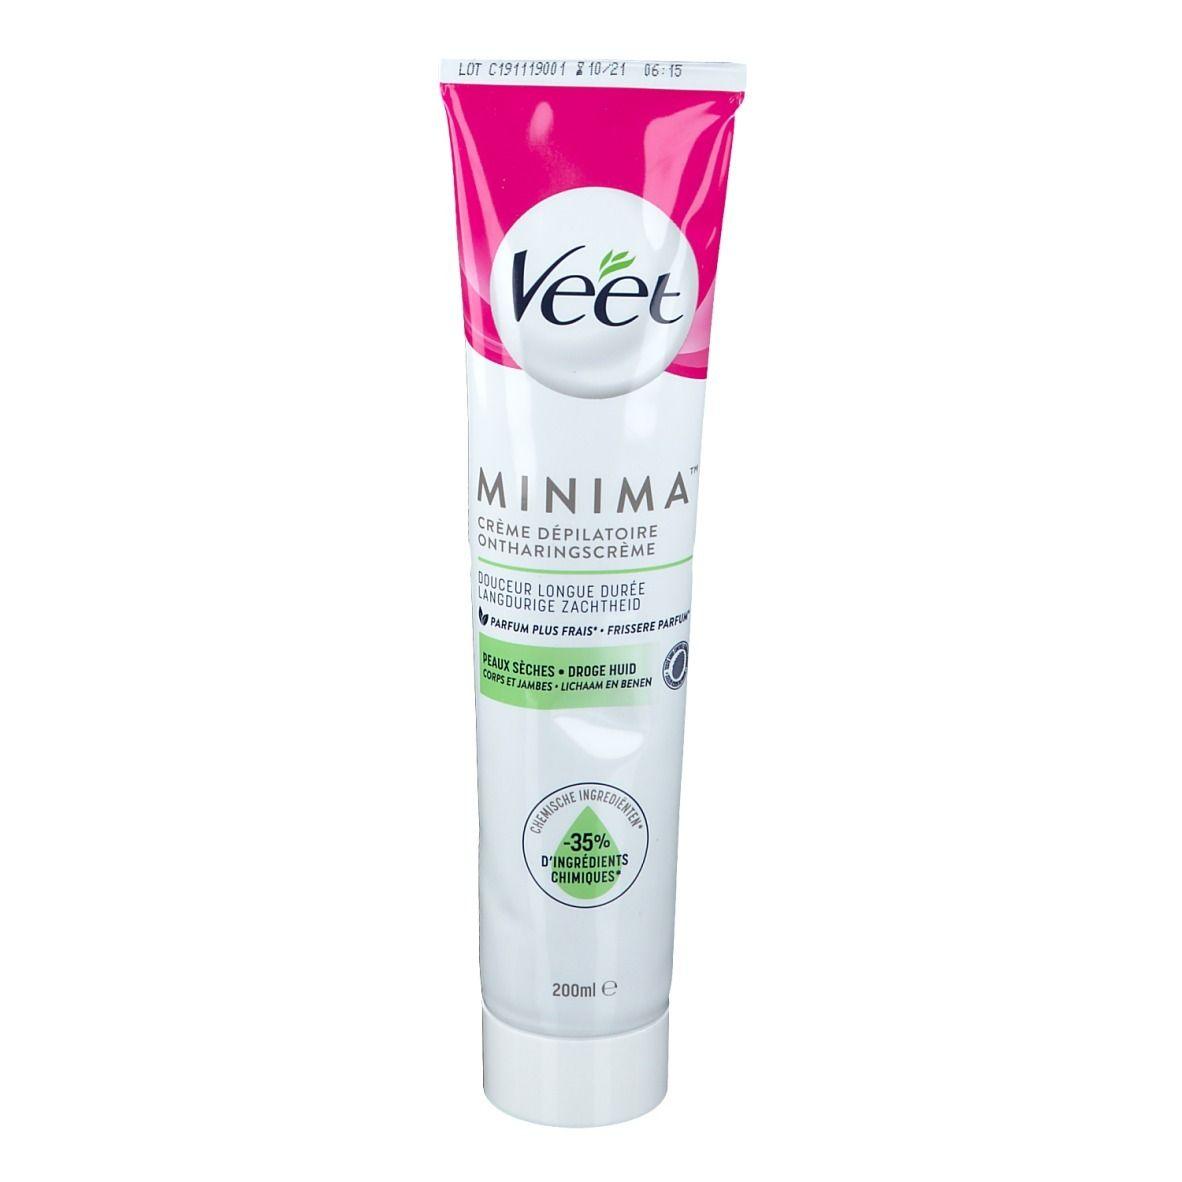 Veet Minima™ Crème dépilatoire Peau sèche ml crème